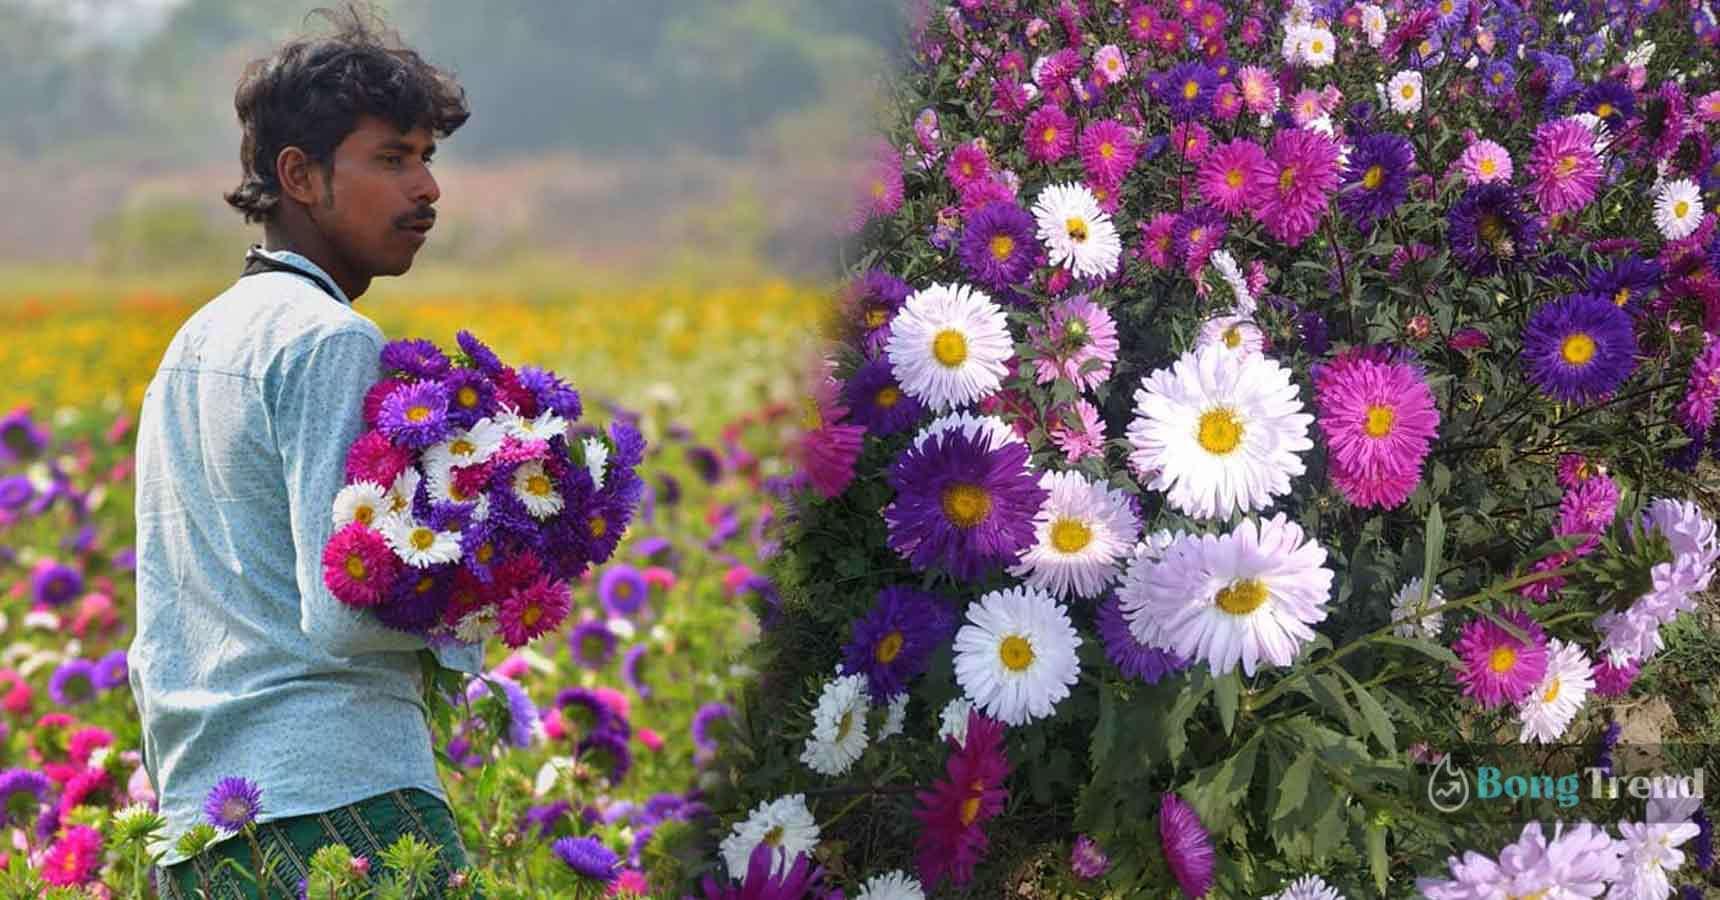 Photo of ফুলের দেশে হারিয়ে যেতে চান! তাহলে অবশ্যই ঘুরে আসুন পশ্চিমবঙ্গের ভূস্বর্গ ক্ষীরাই